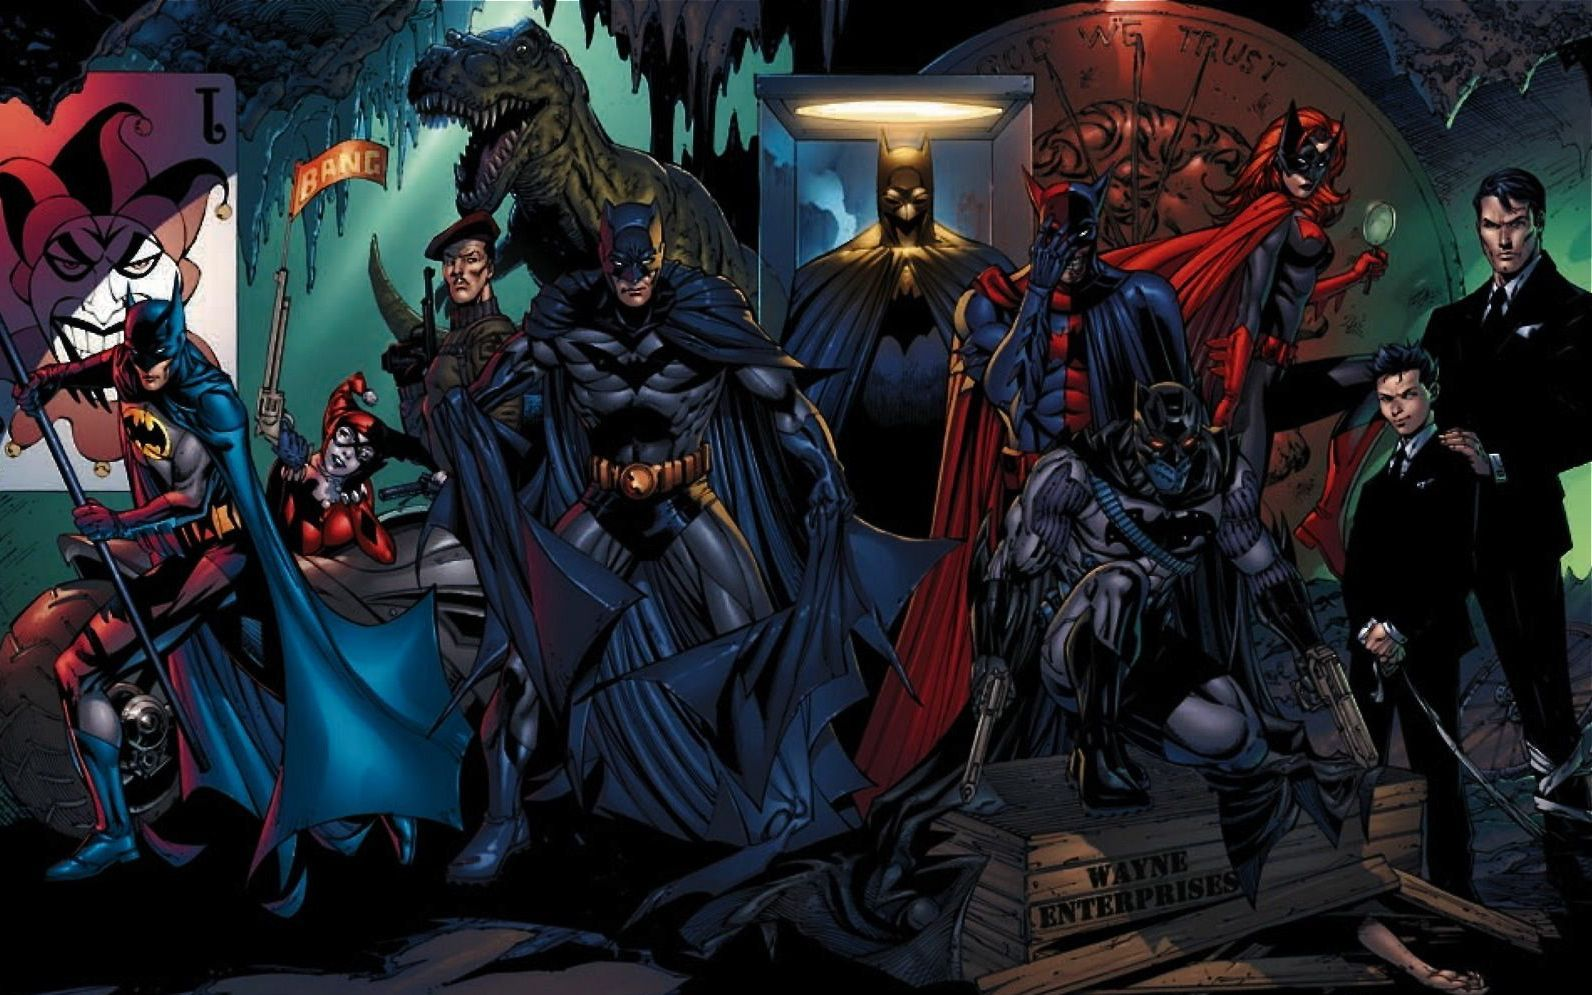 DC Comics Wallpapers - Top Free DC Comics Backgrounds ... Batman Comic Cover Wallpaper